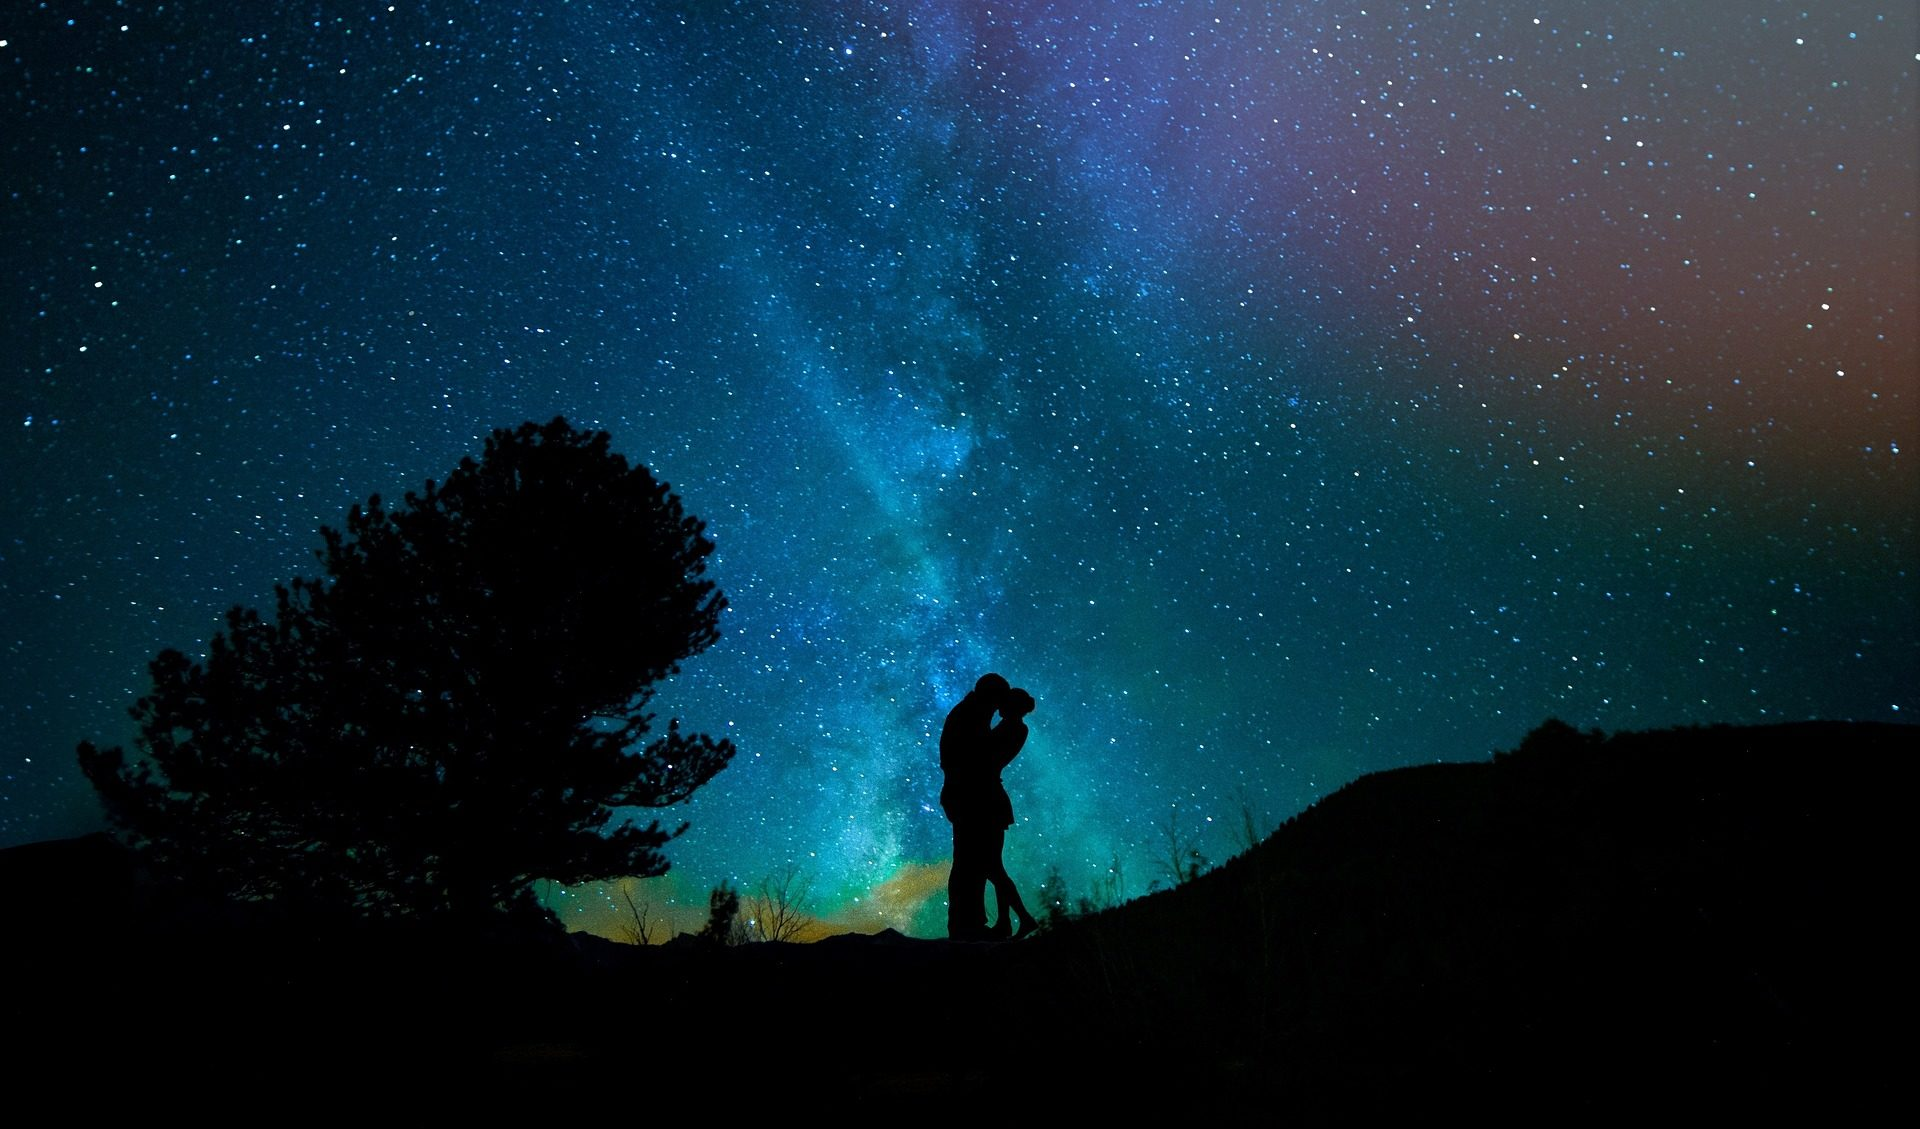 السماء, ليلة, عشاق, نجمة, شجرة - خلفيات عالية الدقة - أستاذ falken.com